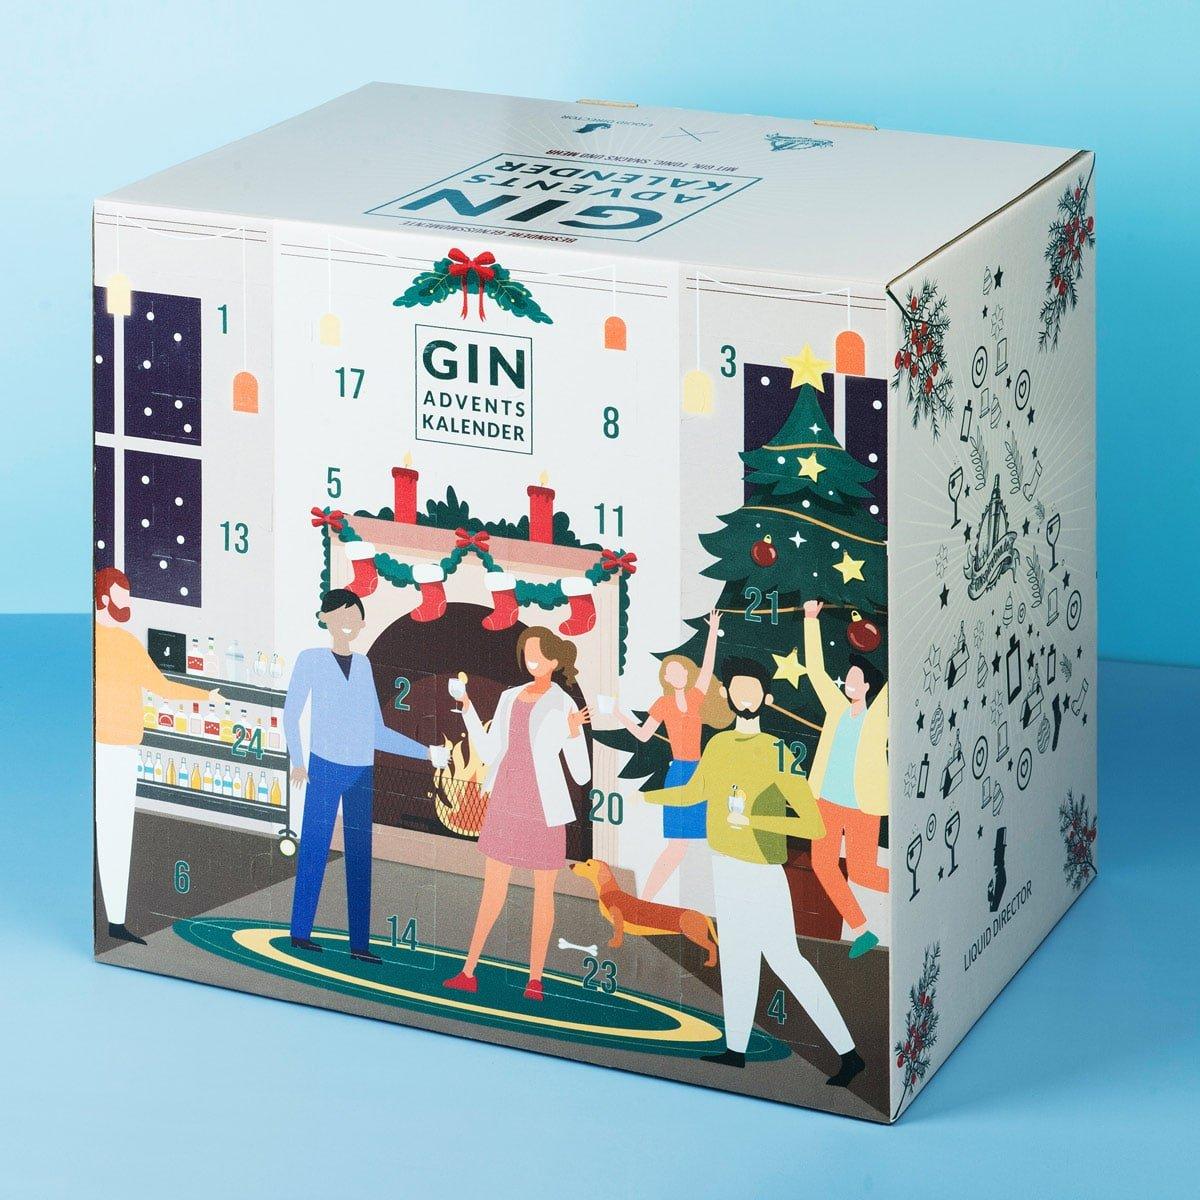 Gin Adventskalender 2021 Frontantsicht mit Gin, Tonic Water uns Snacks